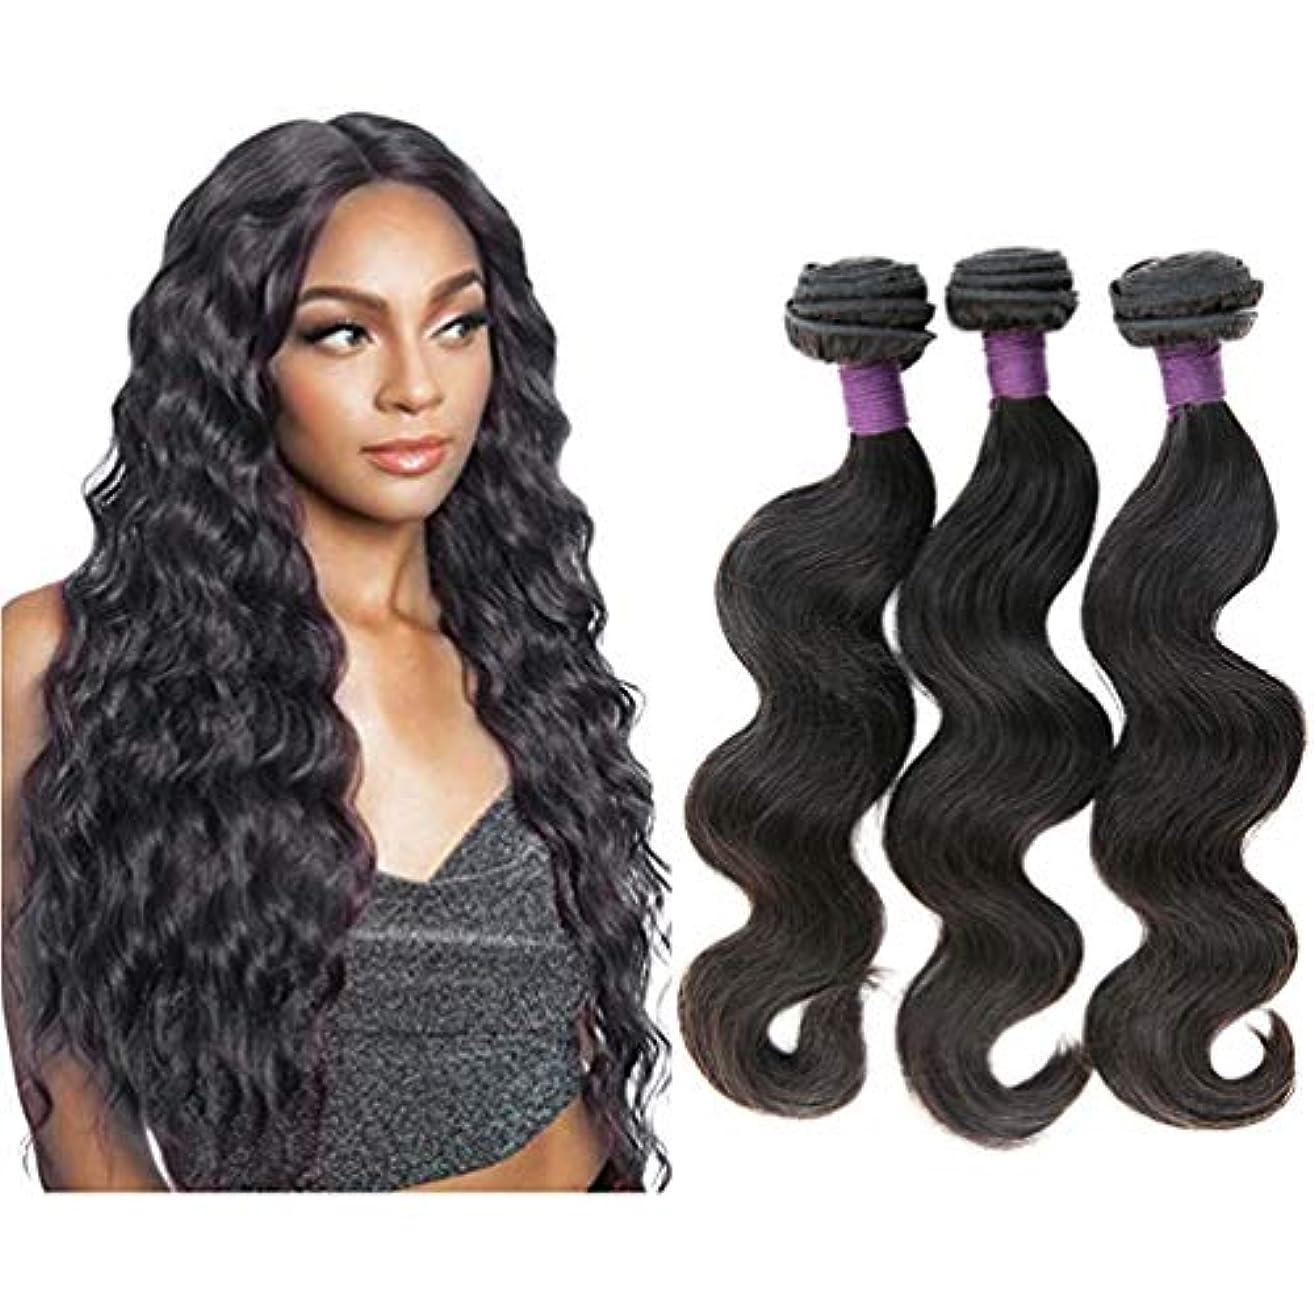 女性ブラジル髪織り体波束未処理バージンレミー本物の人間の髪の毛延長織り横糸(3バンドル)